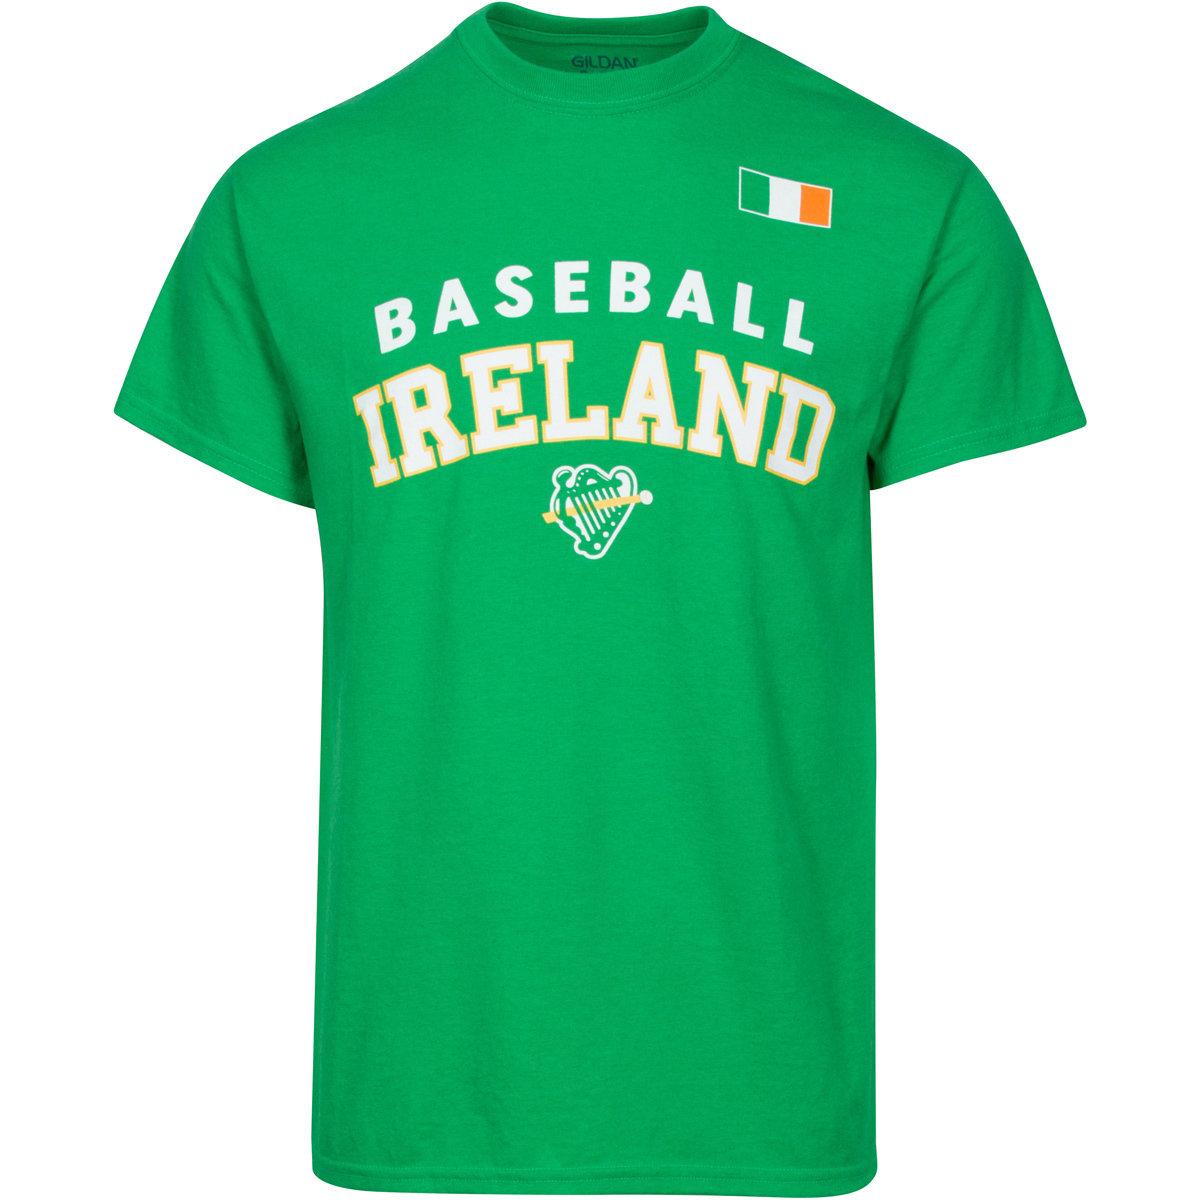 Green Baseball Ireland T-Shirt with White Lettering BITEEFLAG021